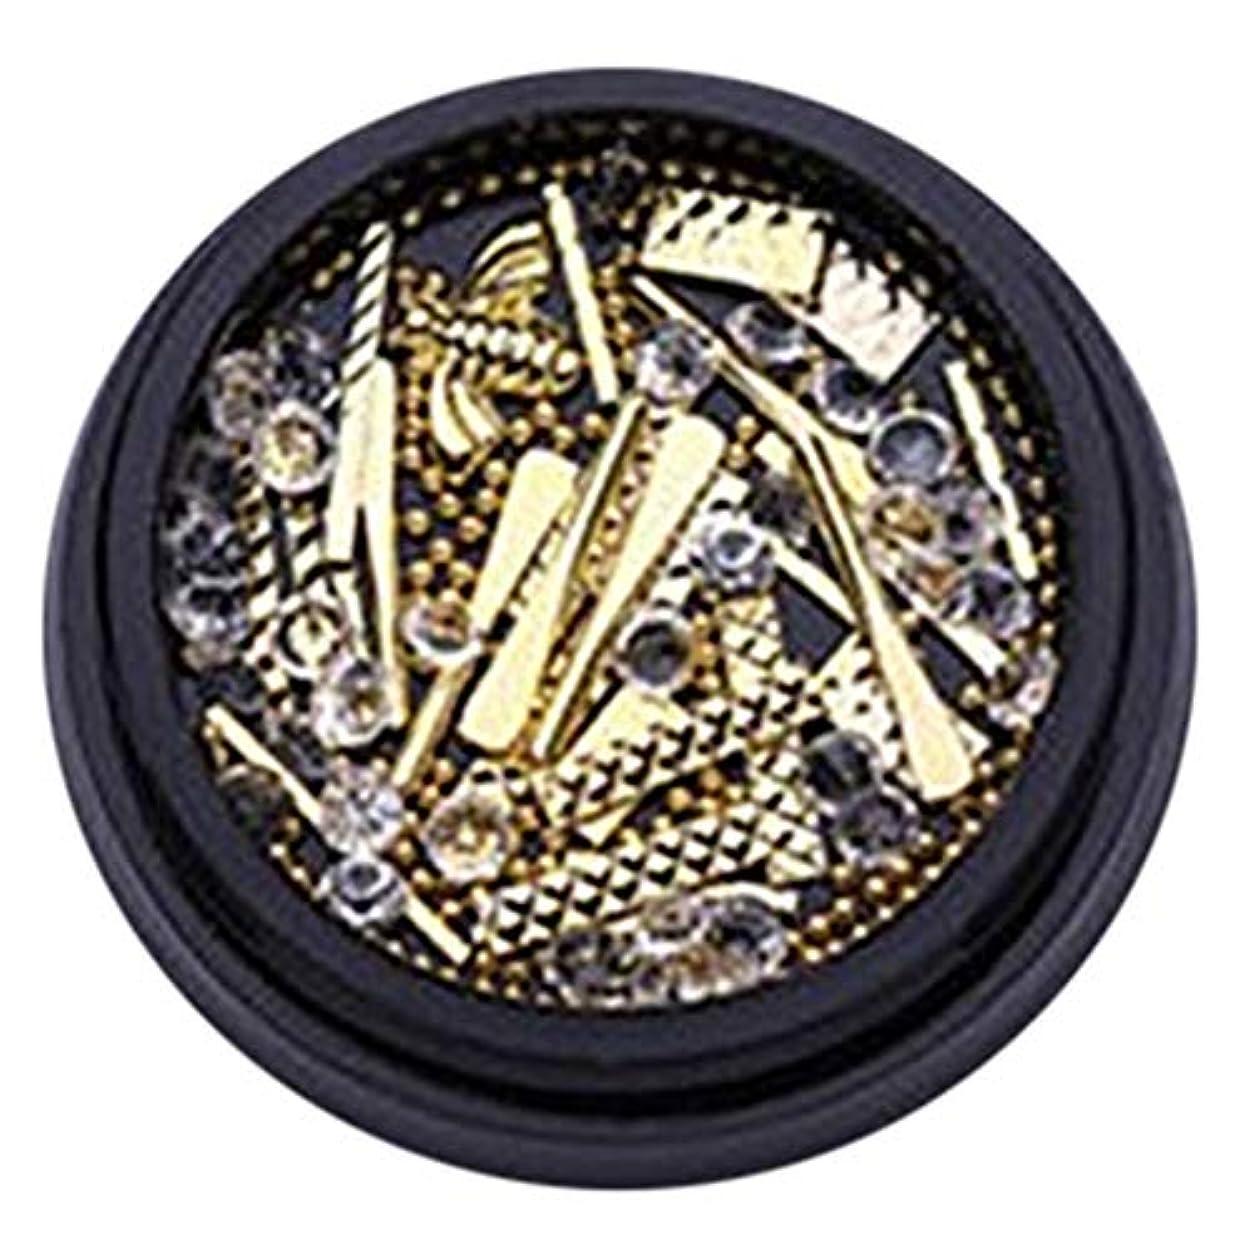 君主制天窓語hamulekfae-和風可愛い人気ブラクケア金属バー長方形リベットネイルアート宝石ラインストーンデコレーションホイールDIYのヒント - ゴールデンGolden